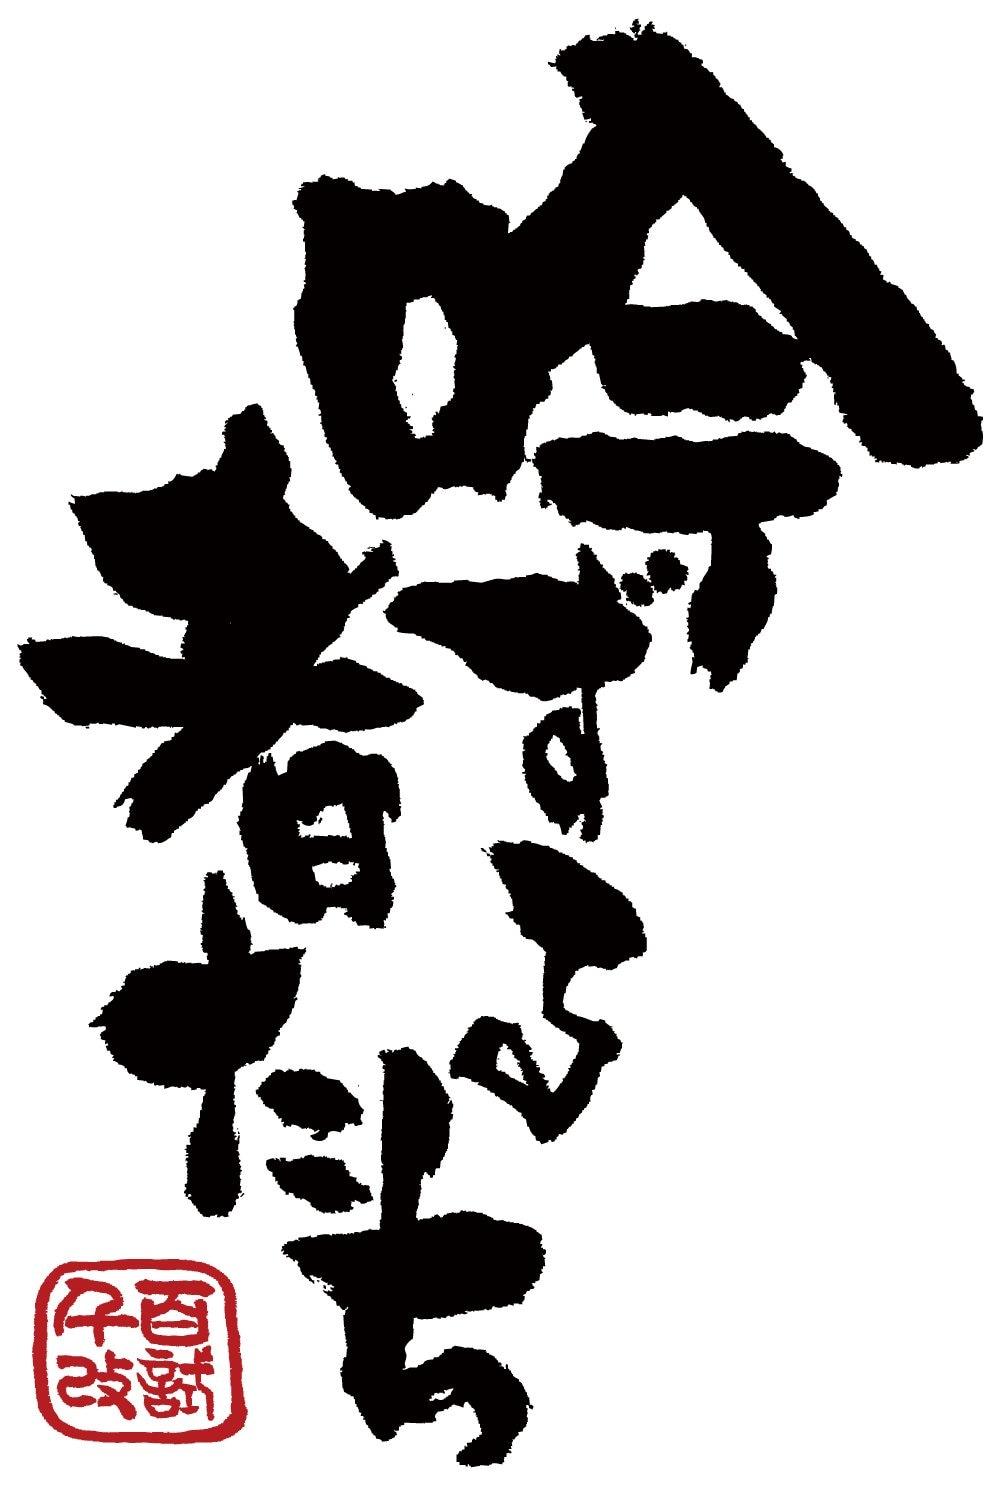 【小口協賛のお願い】自主制作日本酒映画《吟ずる者たち》のイメージその1